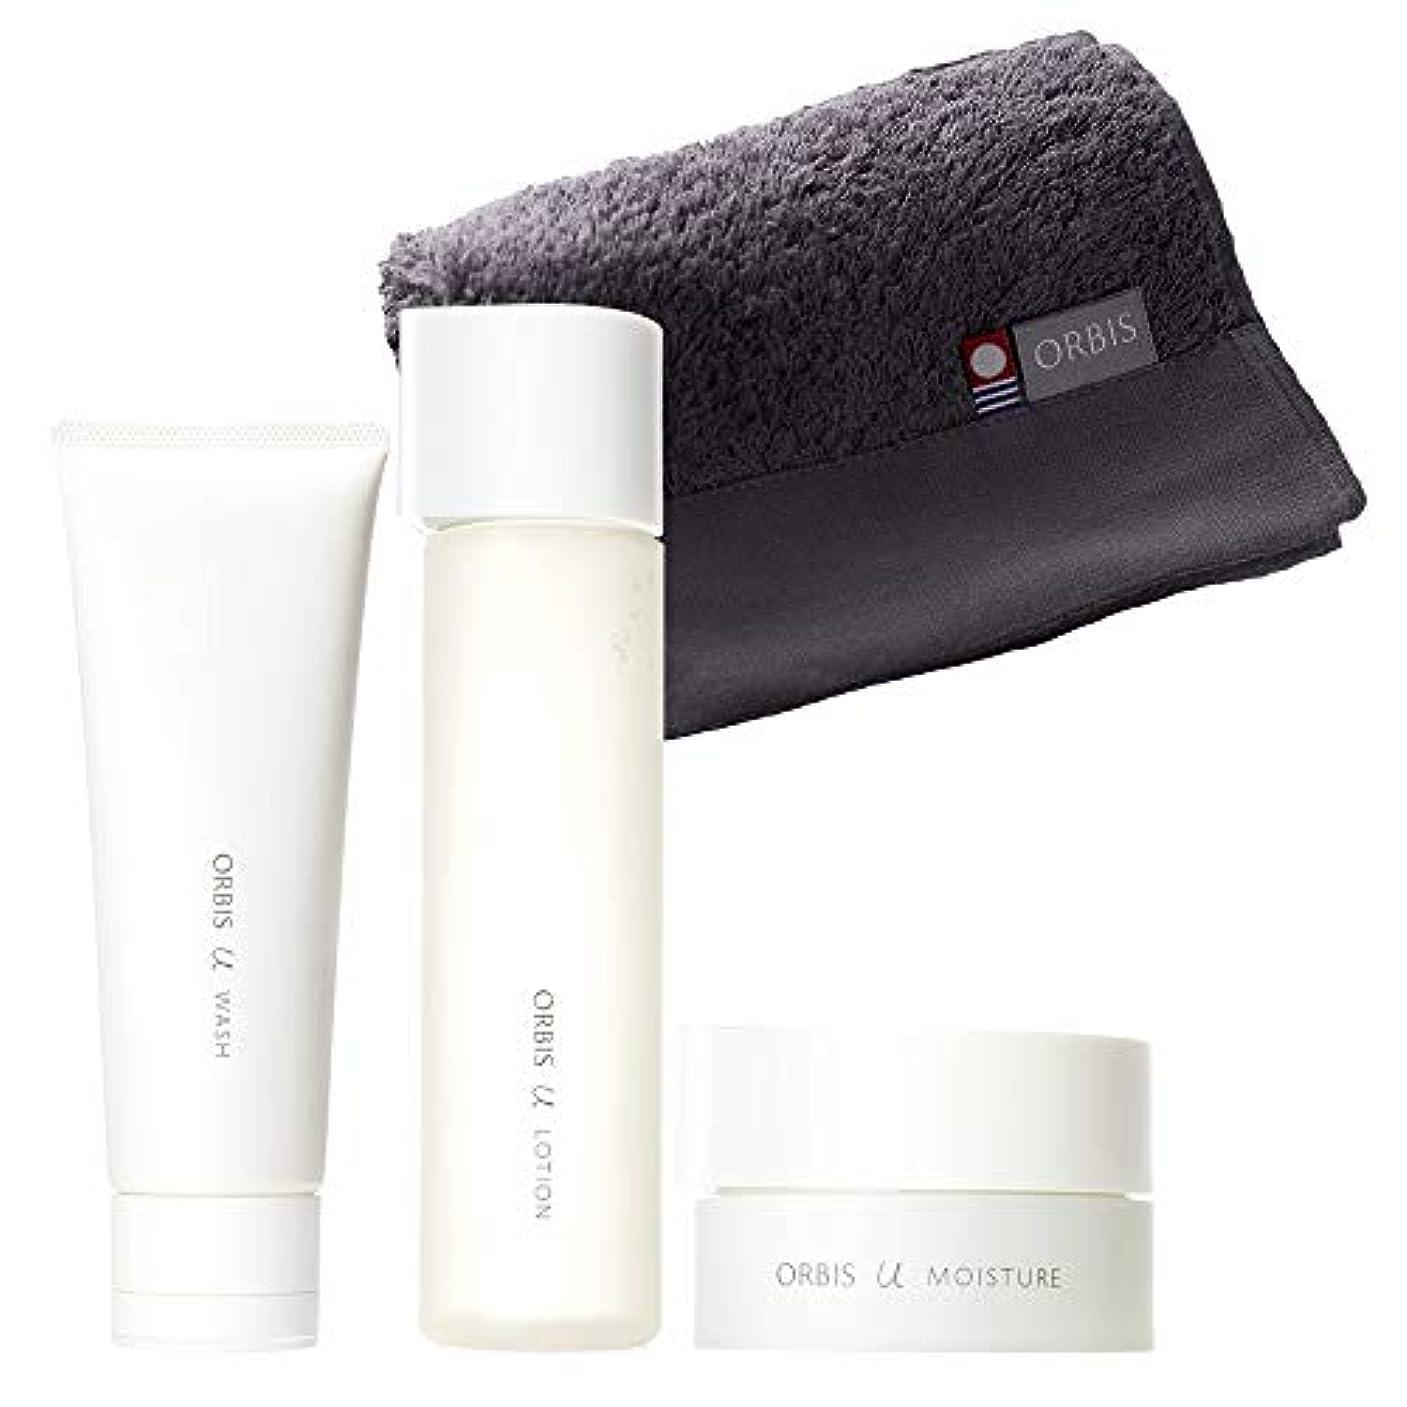 アレルギーシリーズエキサイティングオルビス(ORBIS) オルビスユー 3ステップセット タオル付(洗顔料+化粧水+保湿液)